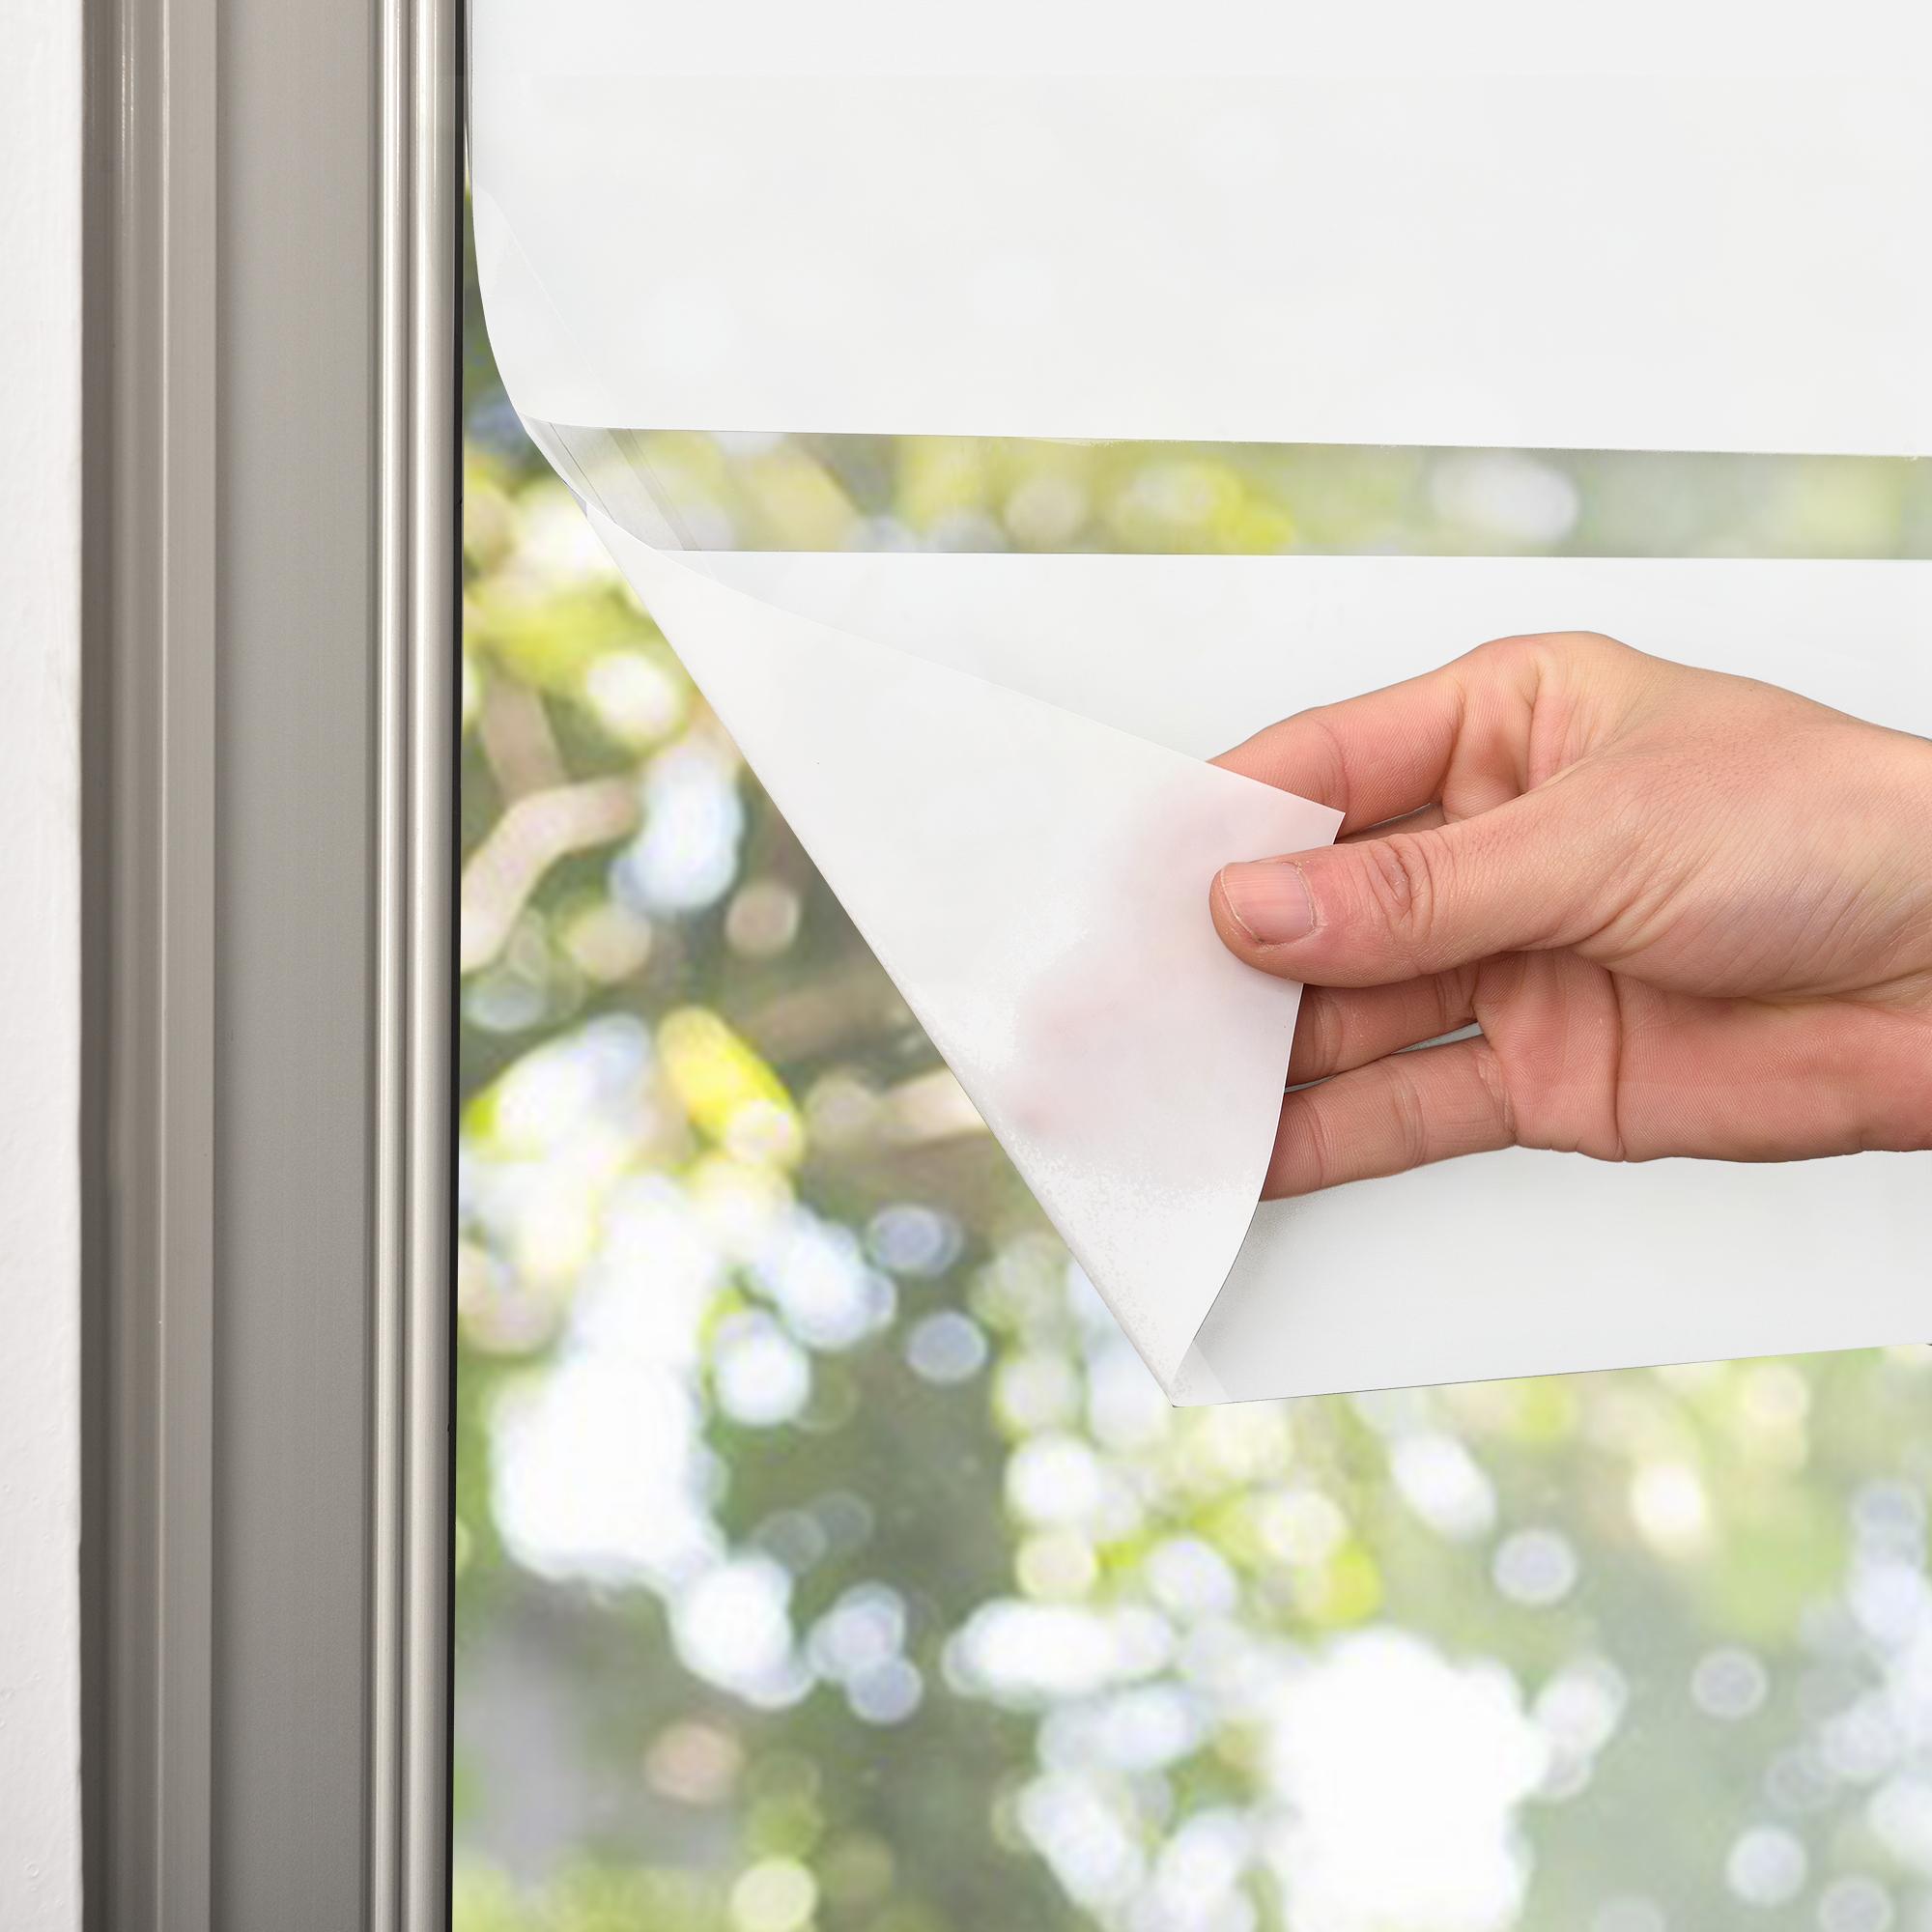 casao] Sichtschutzfolie Milchglas Linien 67 5 cm x 3 m